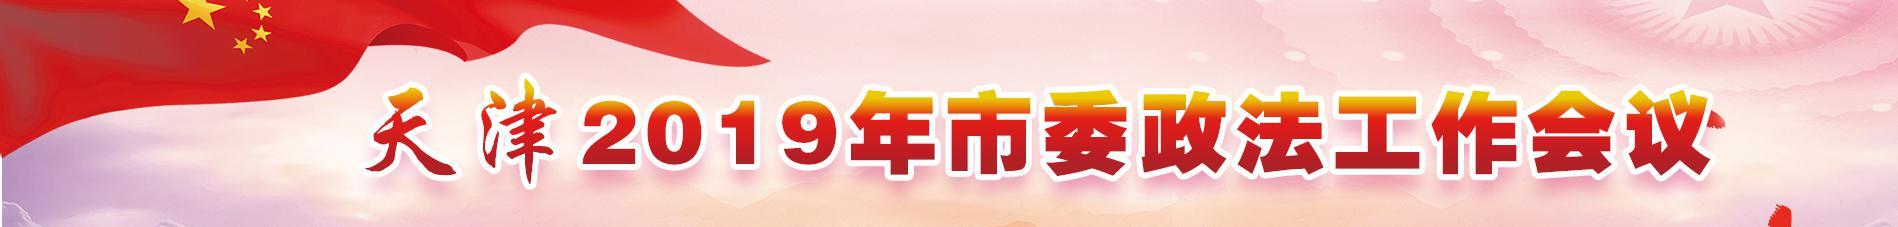 天津政法会